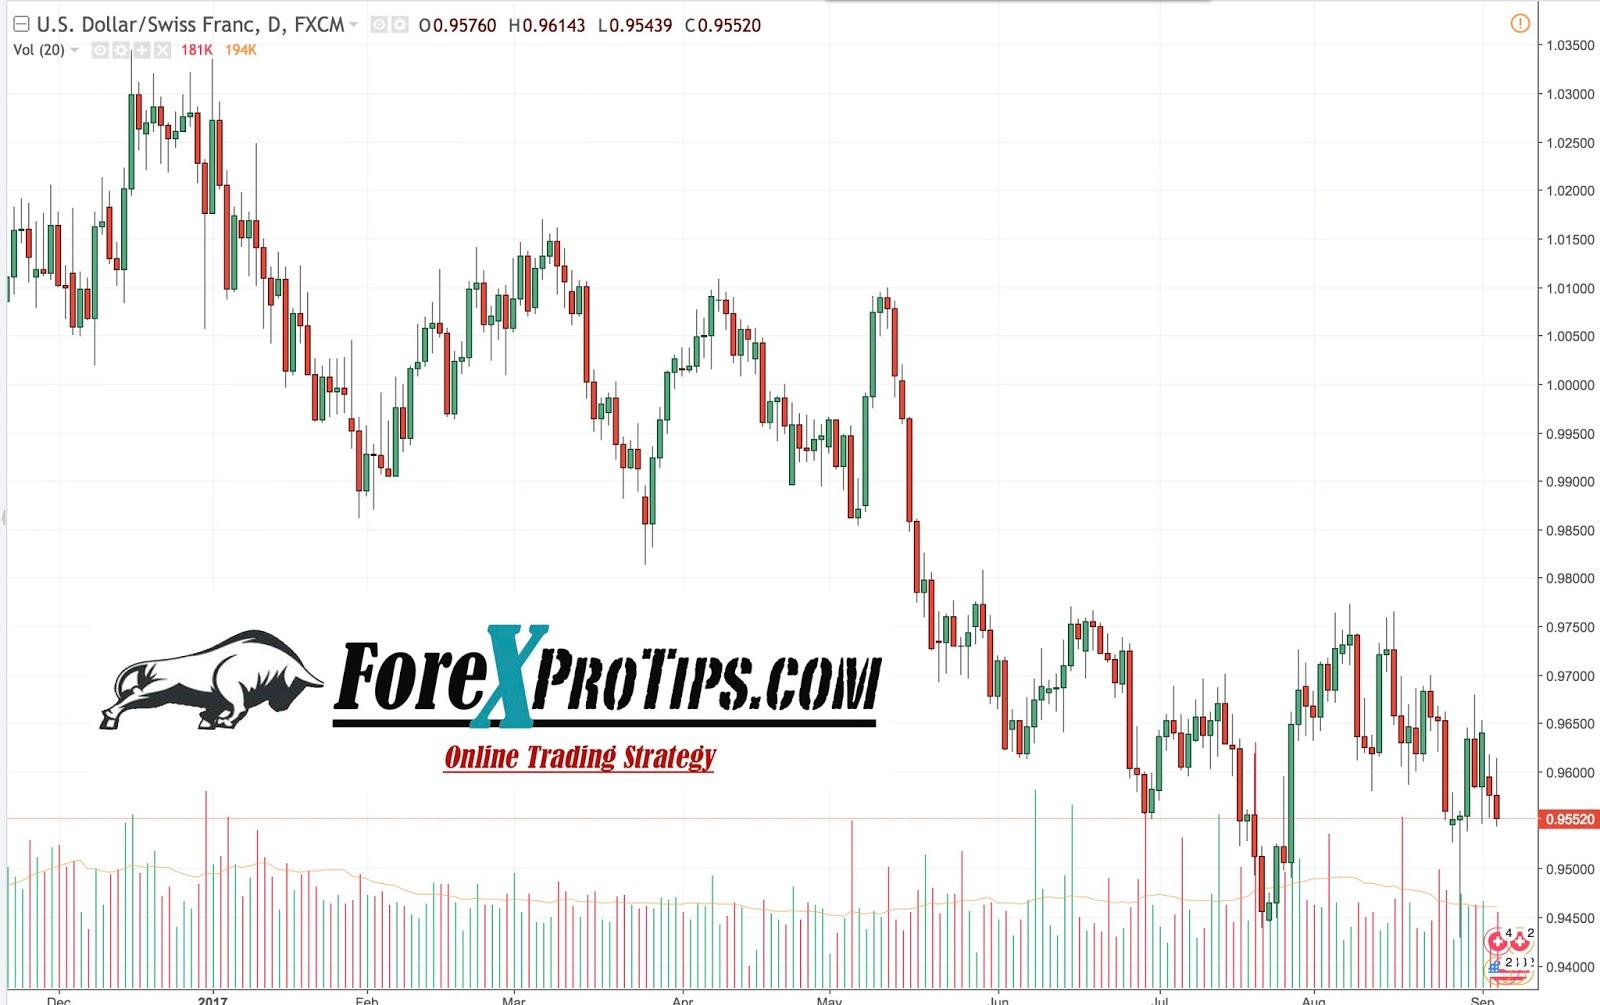 Forex market newsletter